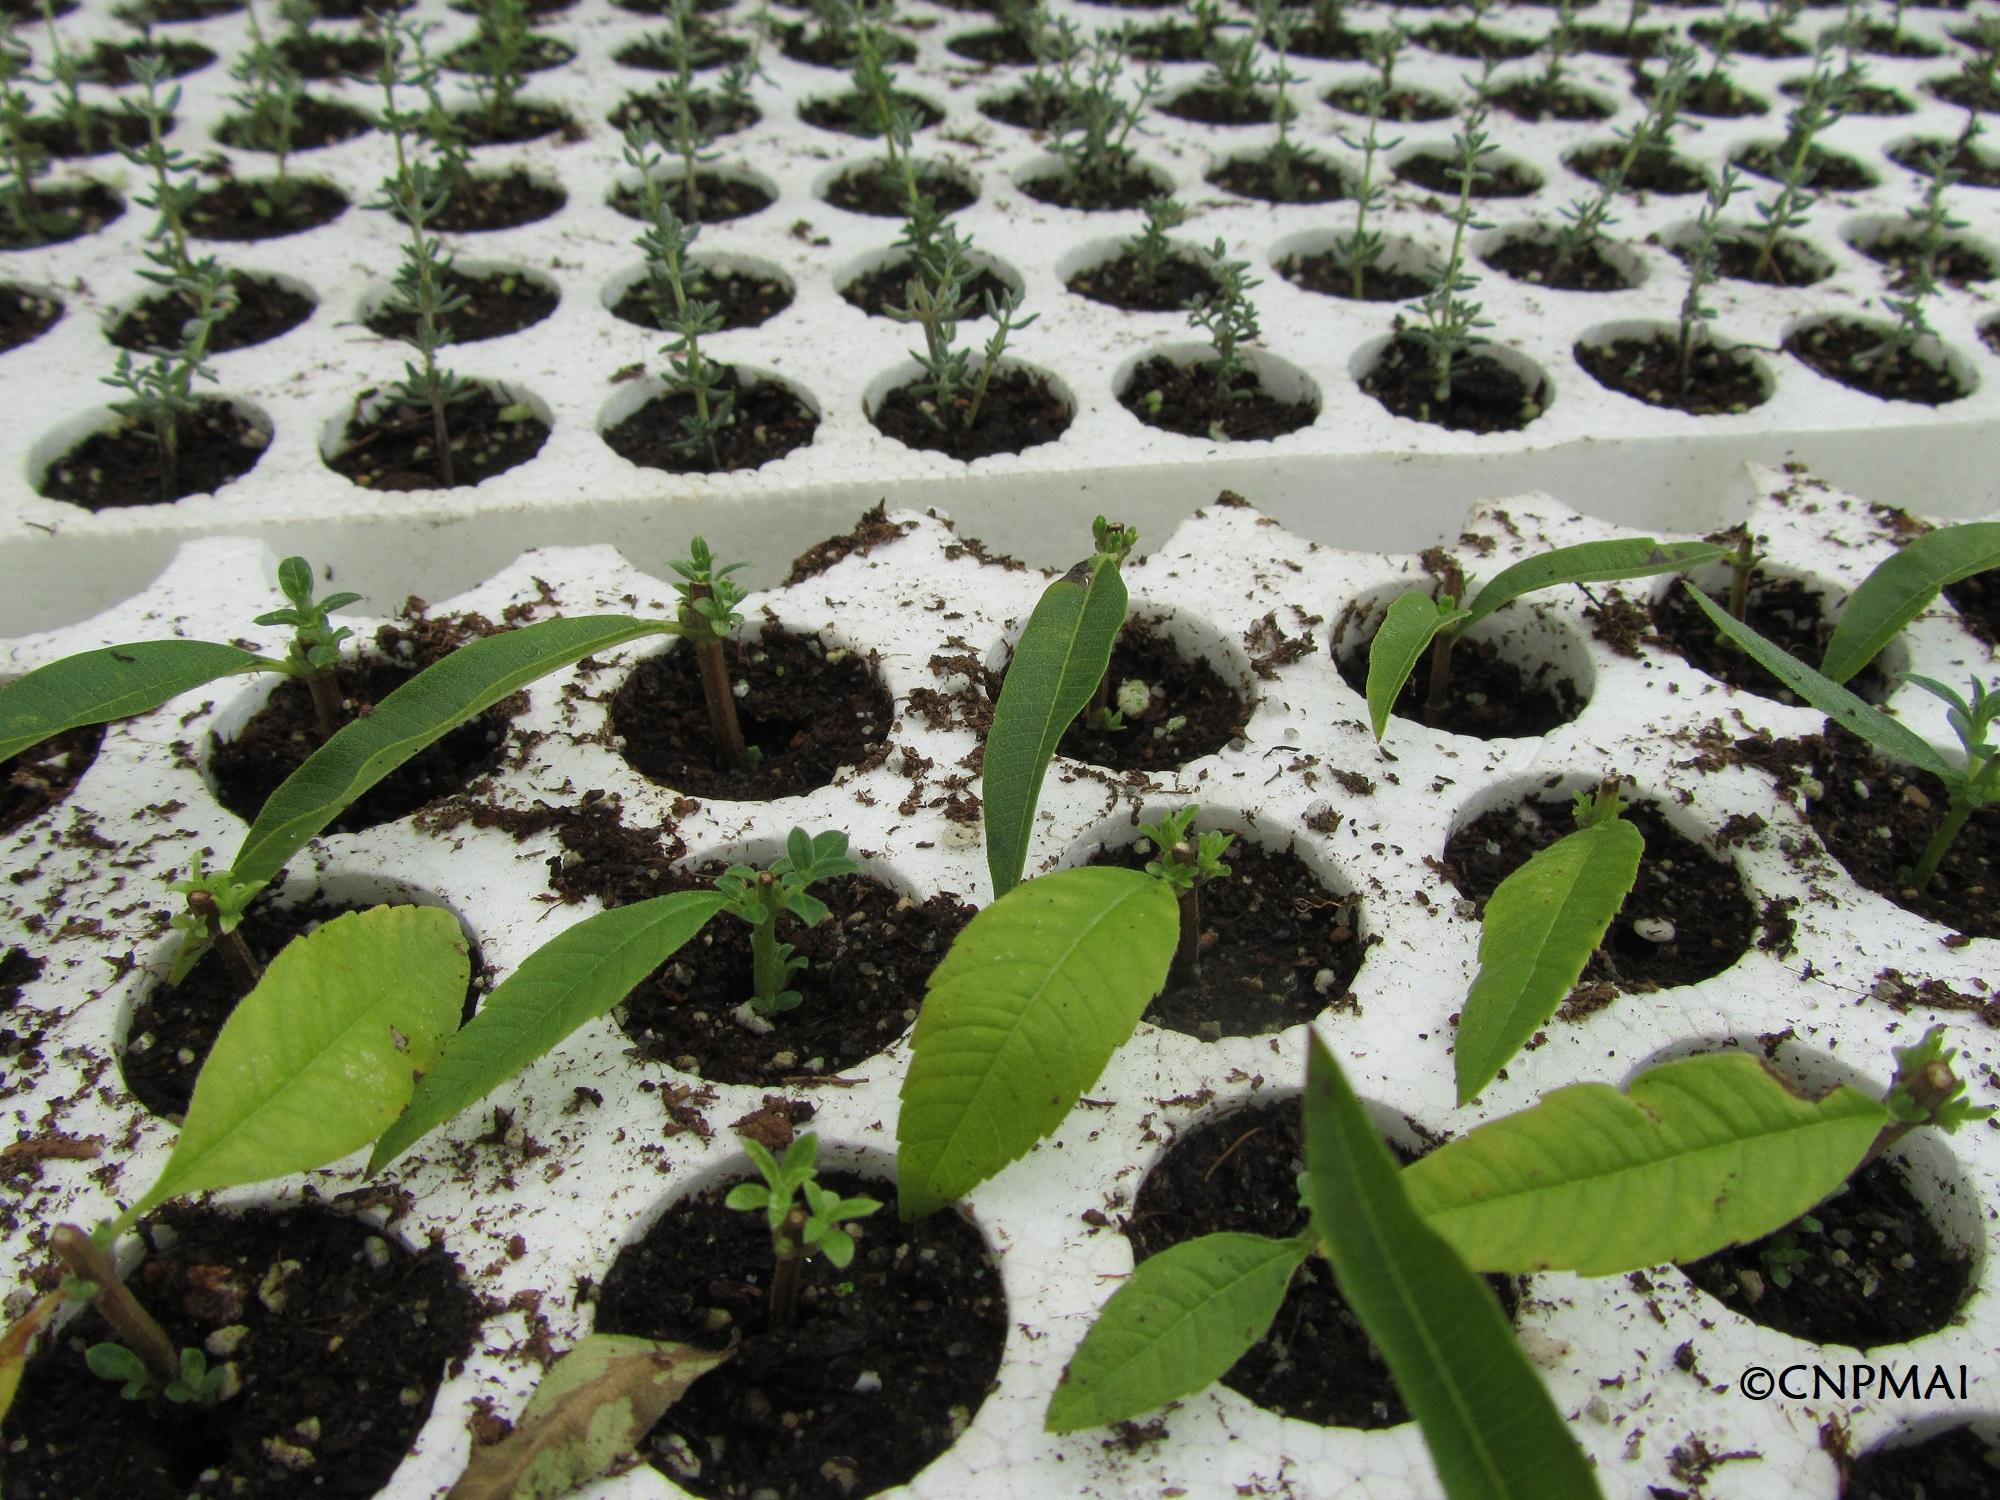 Boutures de verveines citronnelle avec développement des bourgeons foliaires, signe que l'enracinement est fait